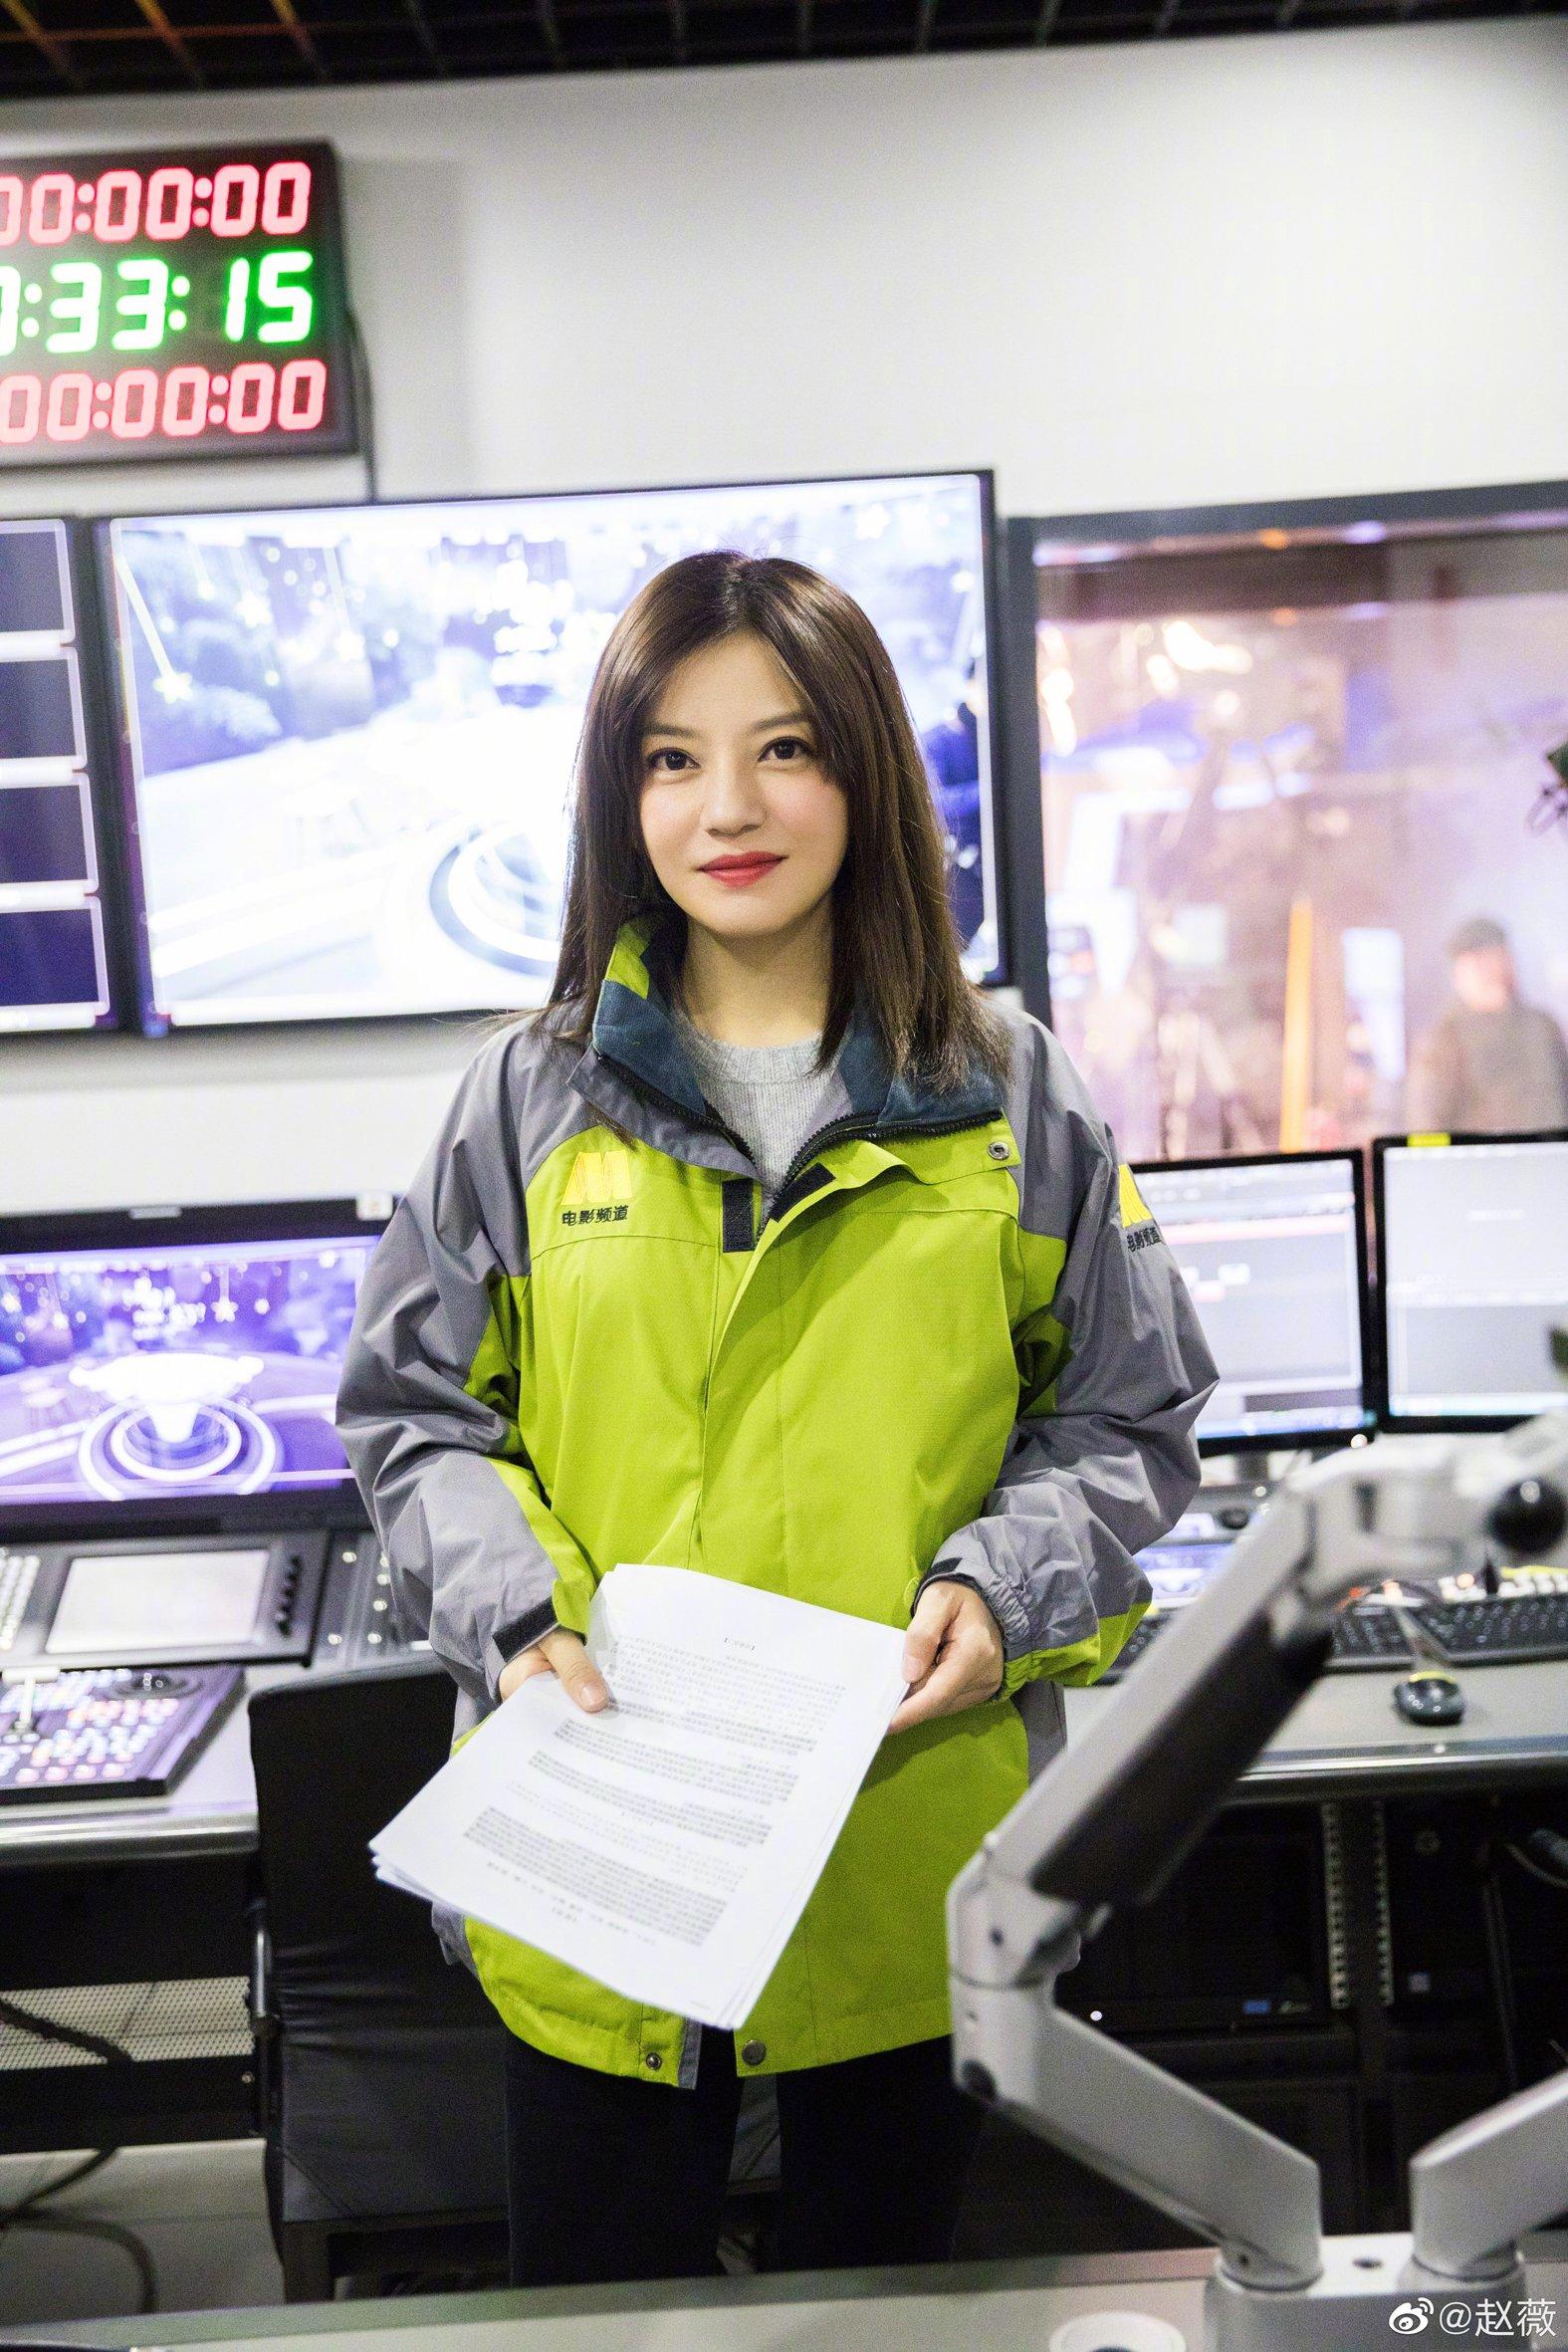 Tên Triệu Vy không có trong danh sách Nghệ sĩ đạo đức kém xuất hiện trên mạng xã hội Trung Quốc.